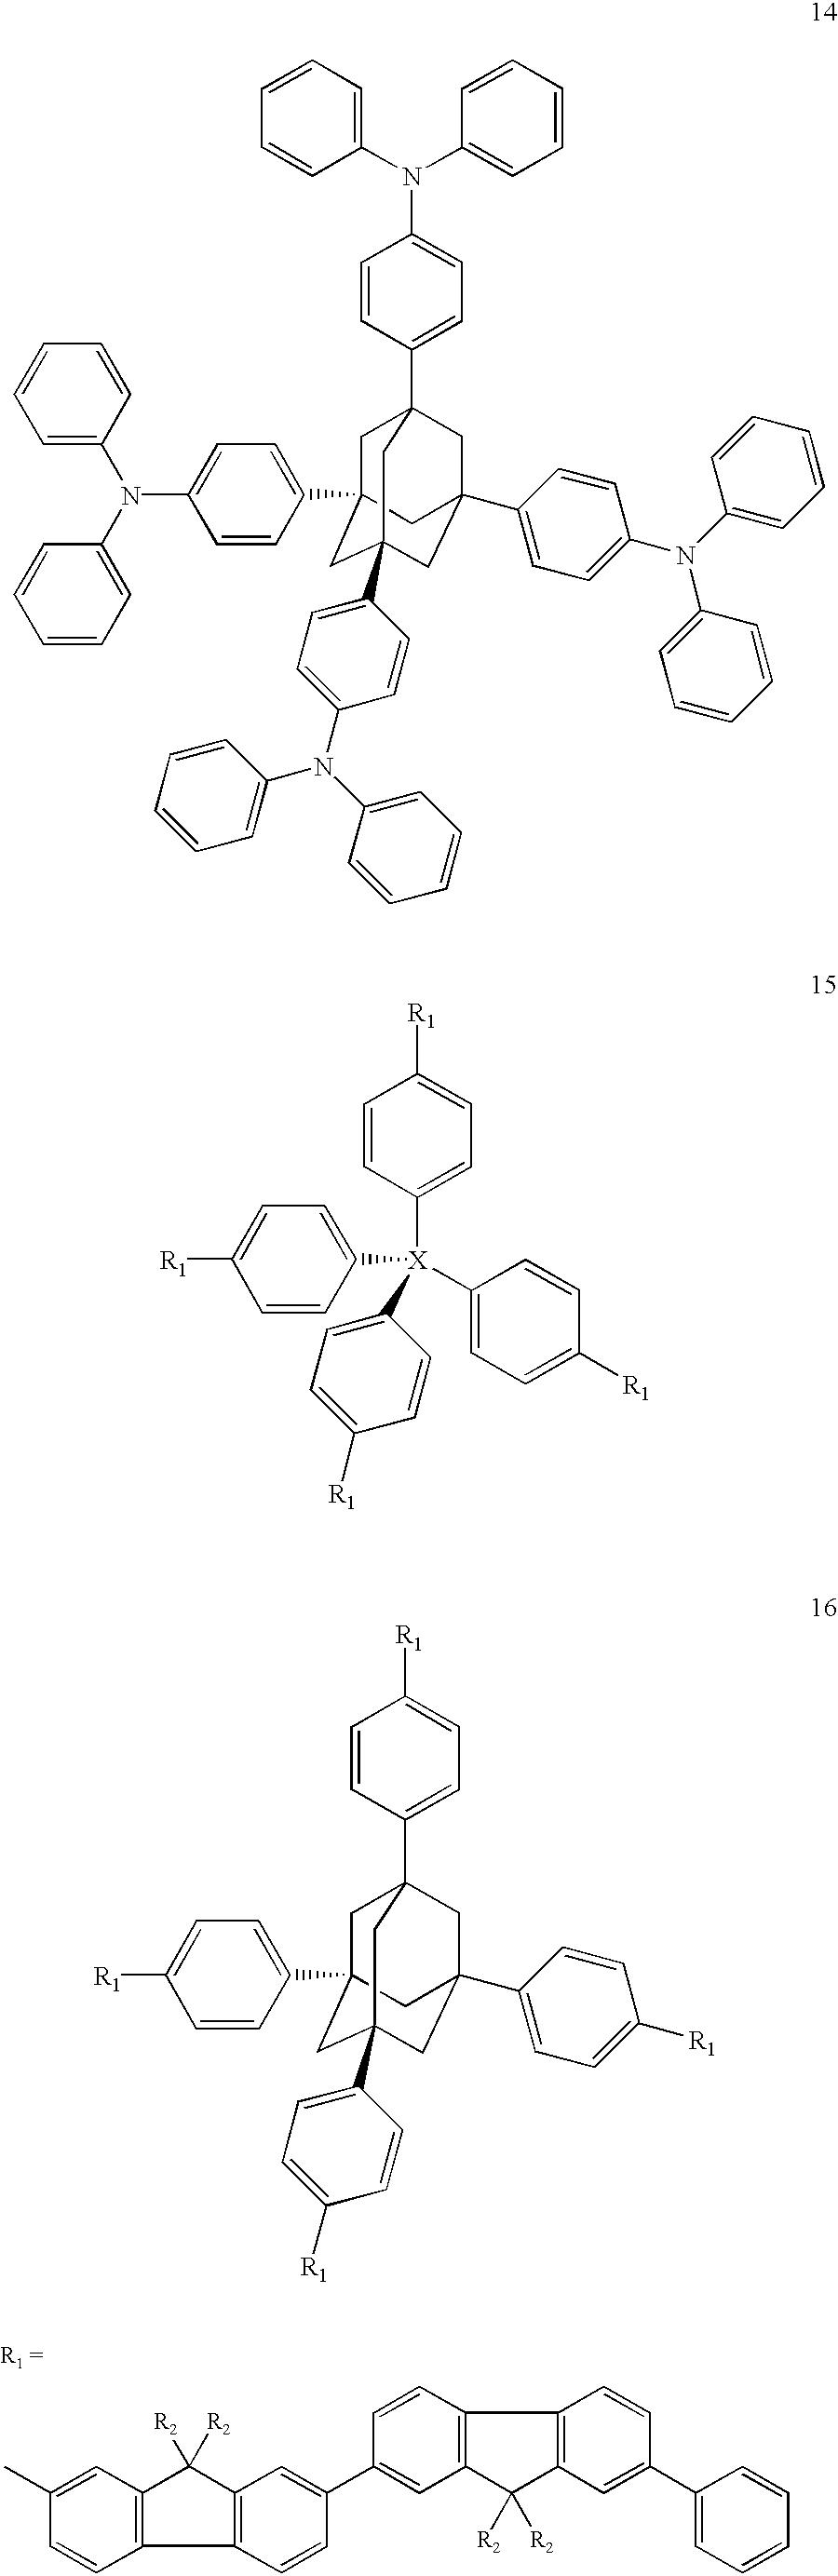 Figure US20030064248A1-20030403-C00006